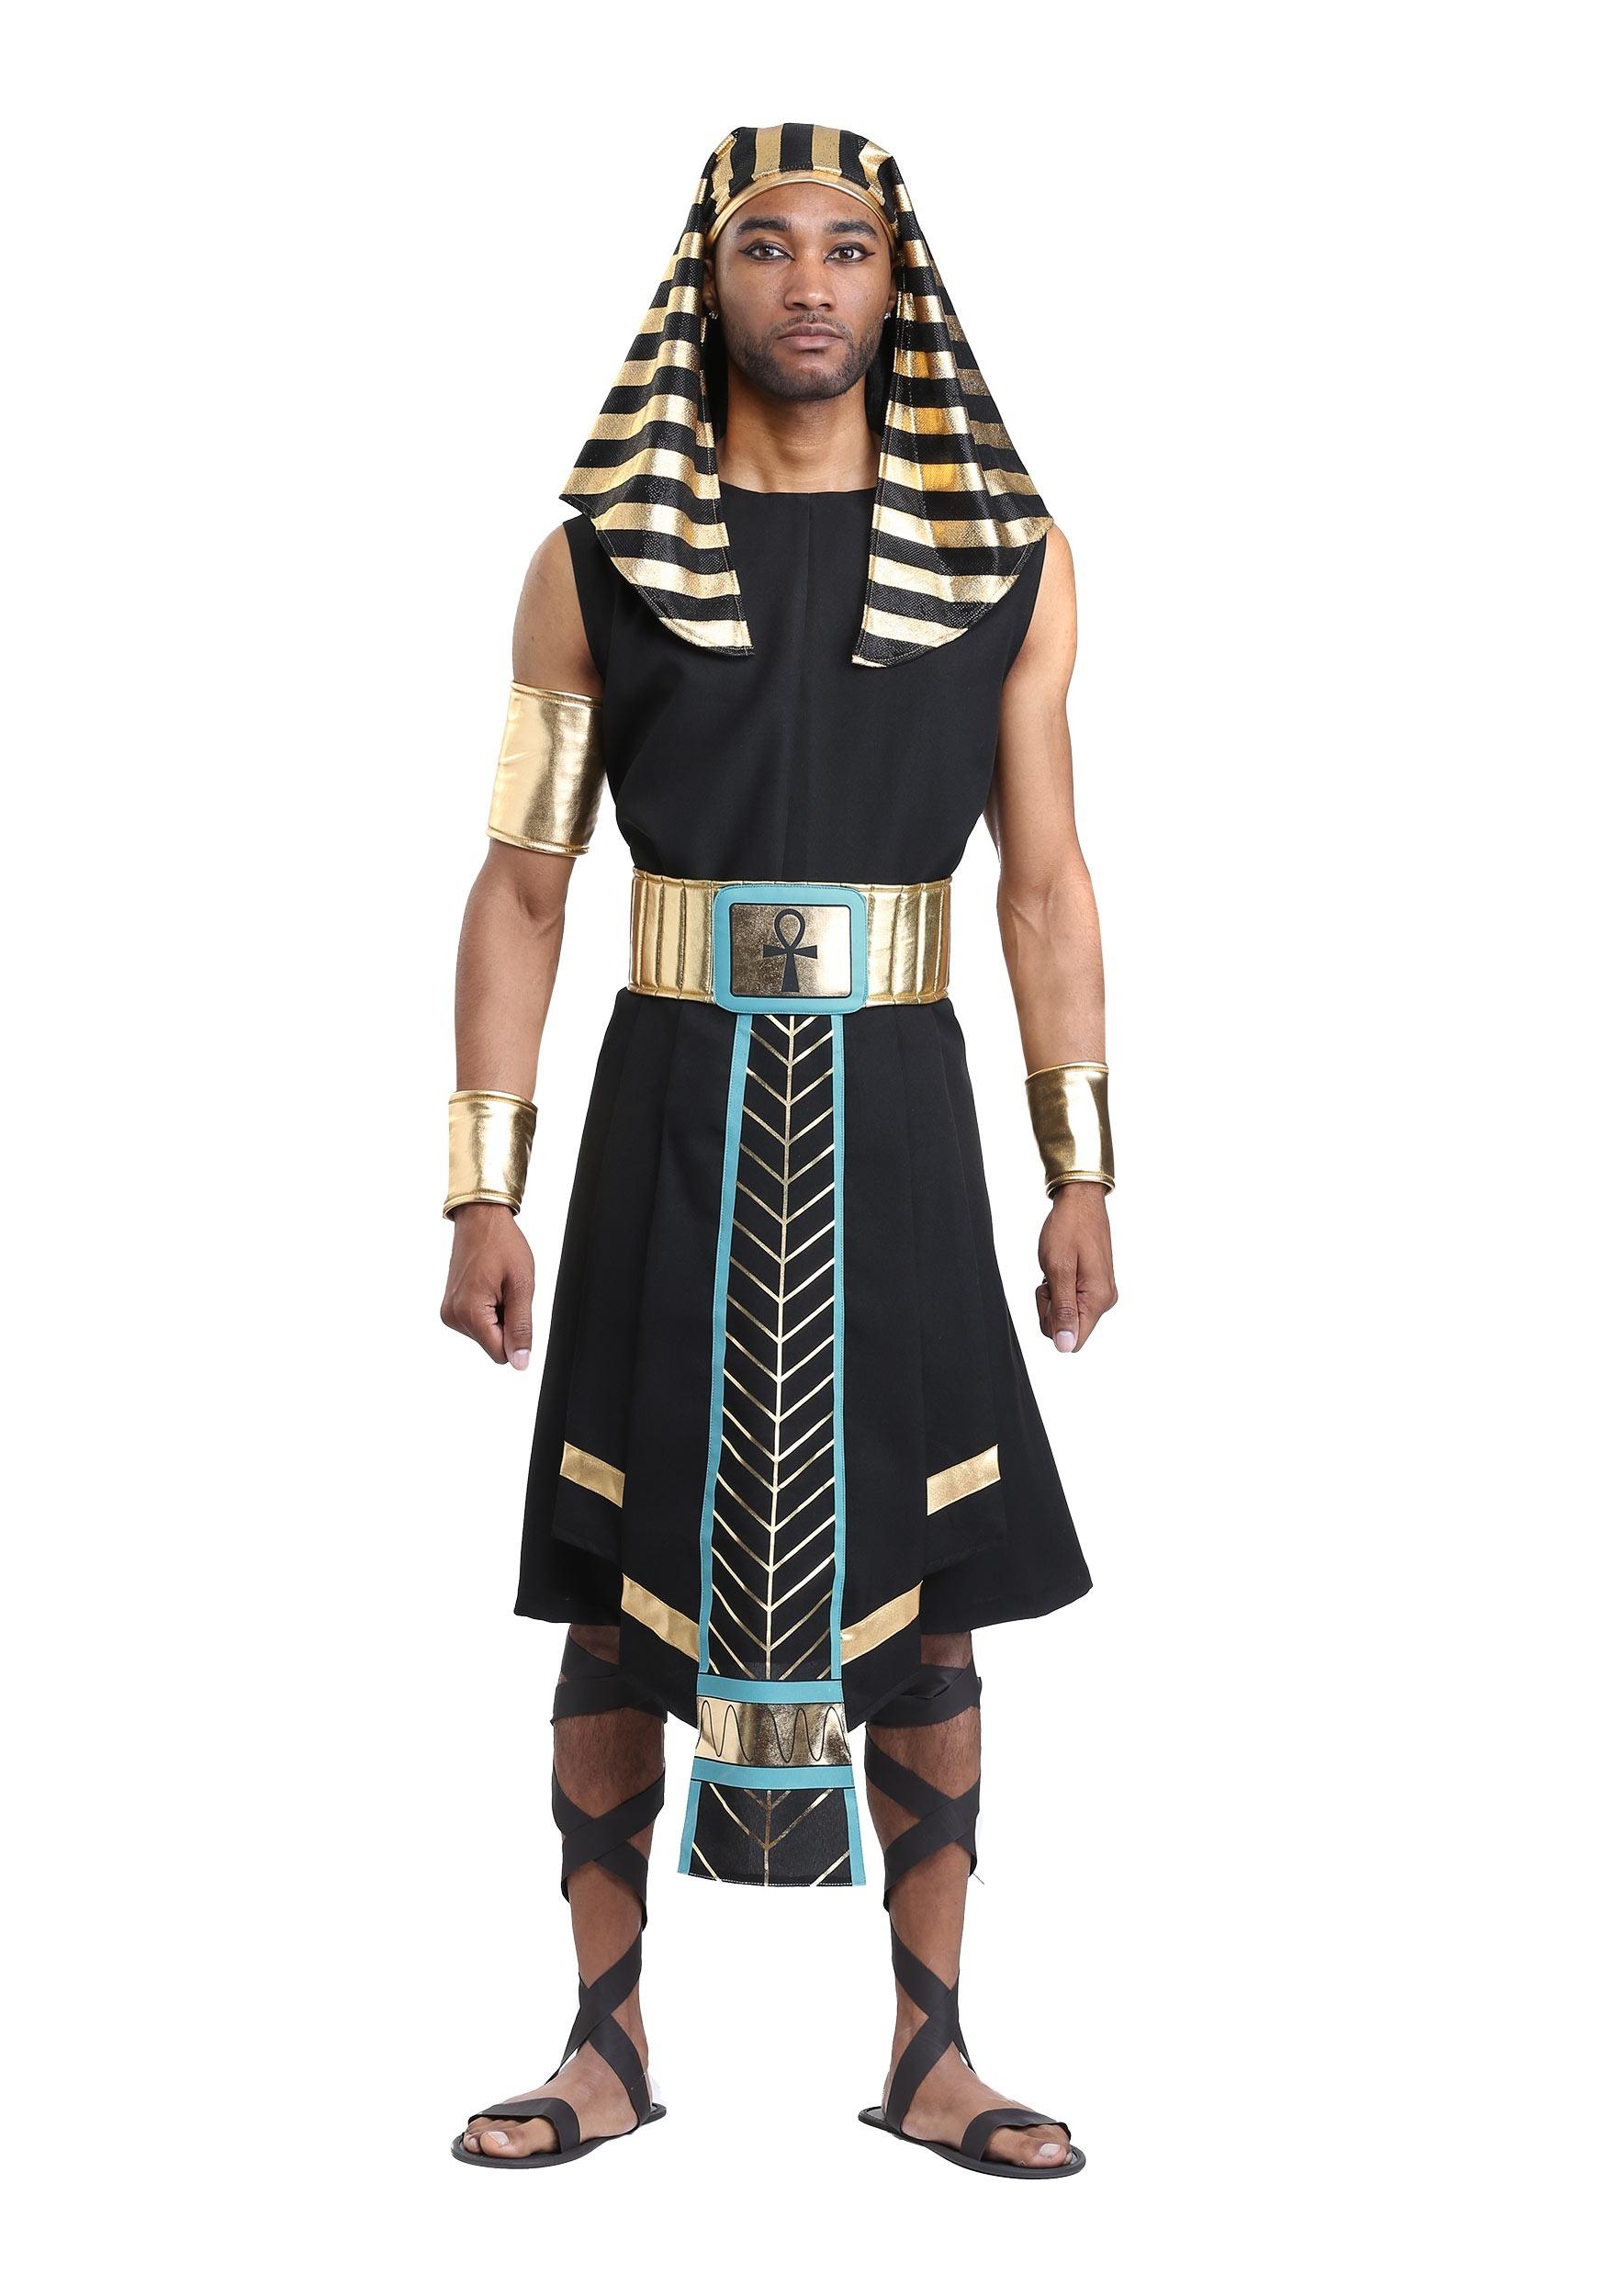 кафе, картинки египет одежда сосновом бору